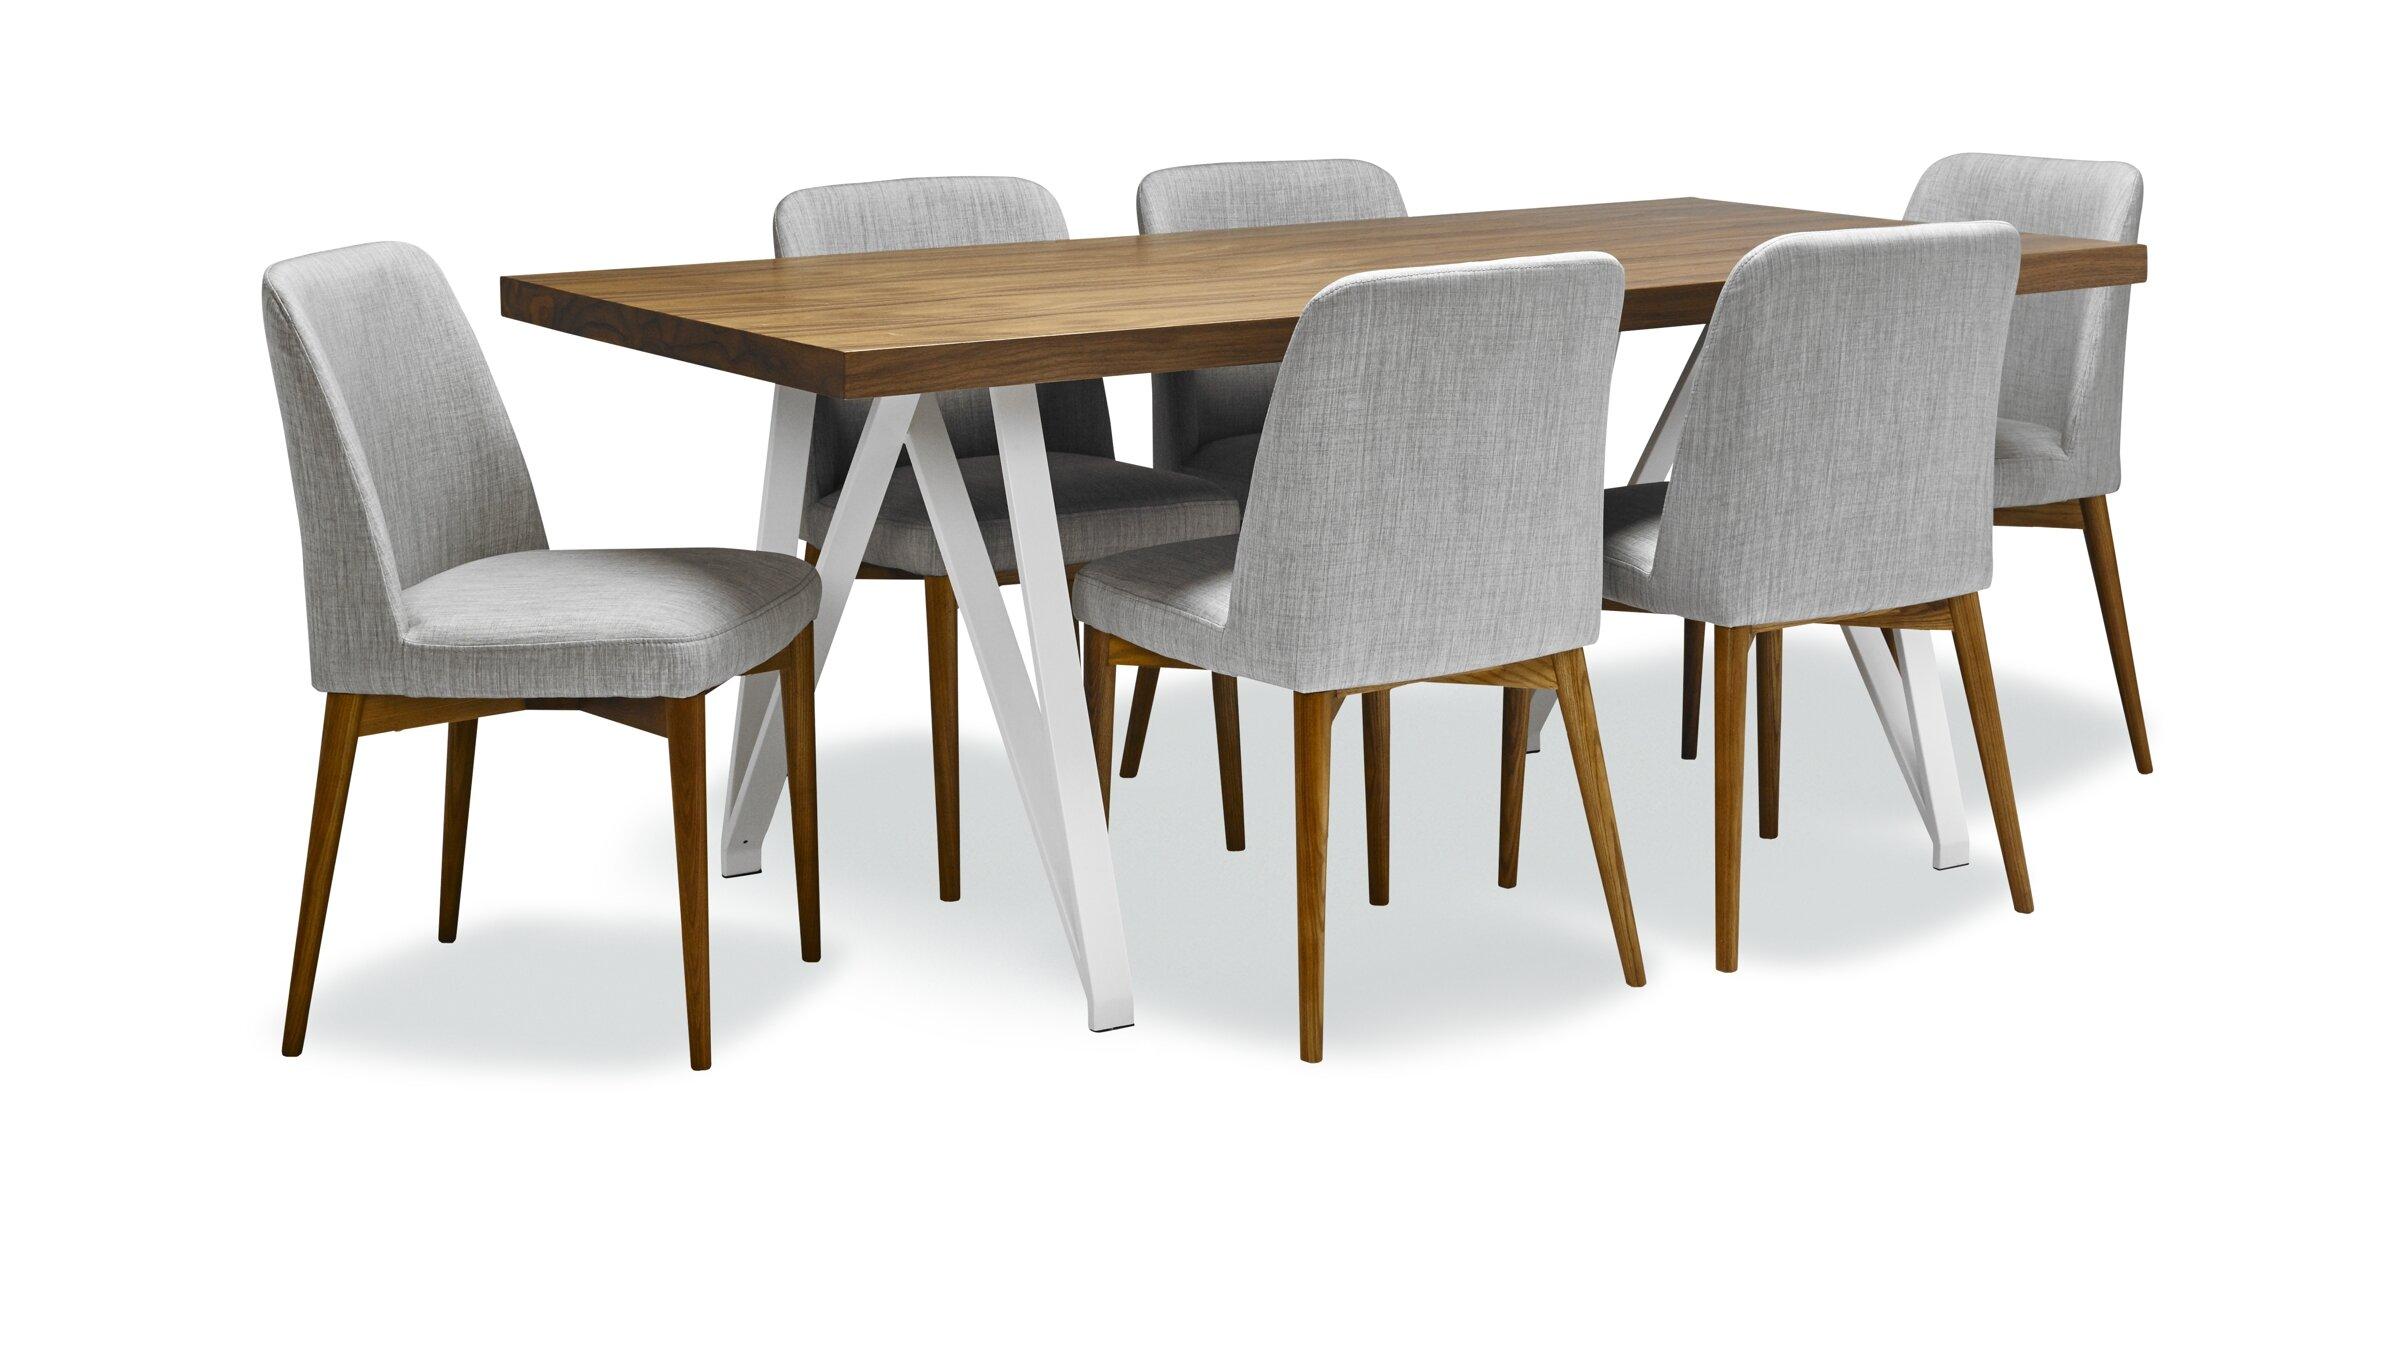 Brayden studio hagen dining table reviews wayfair ca